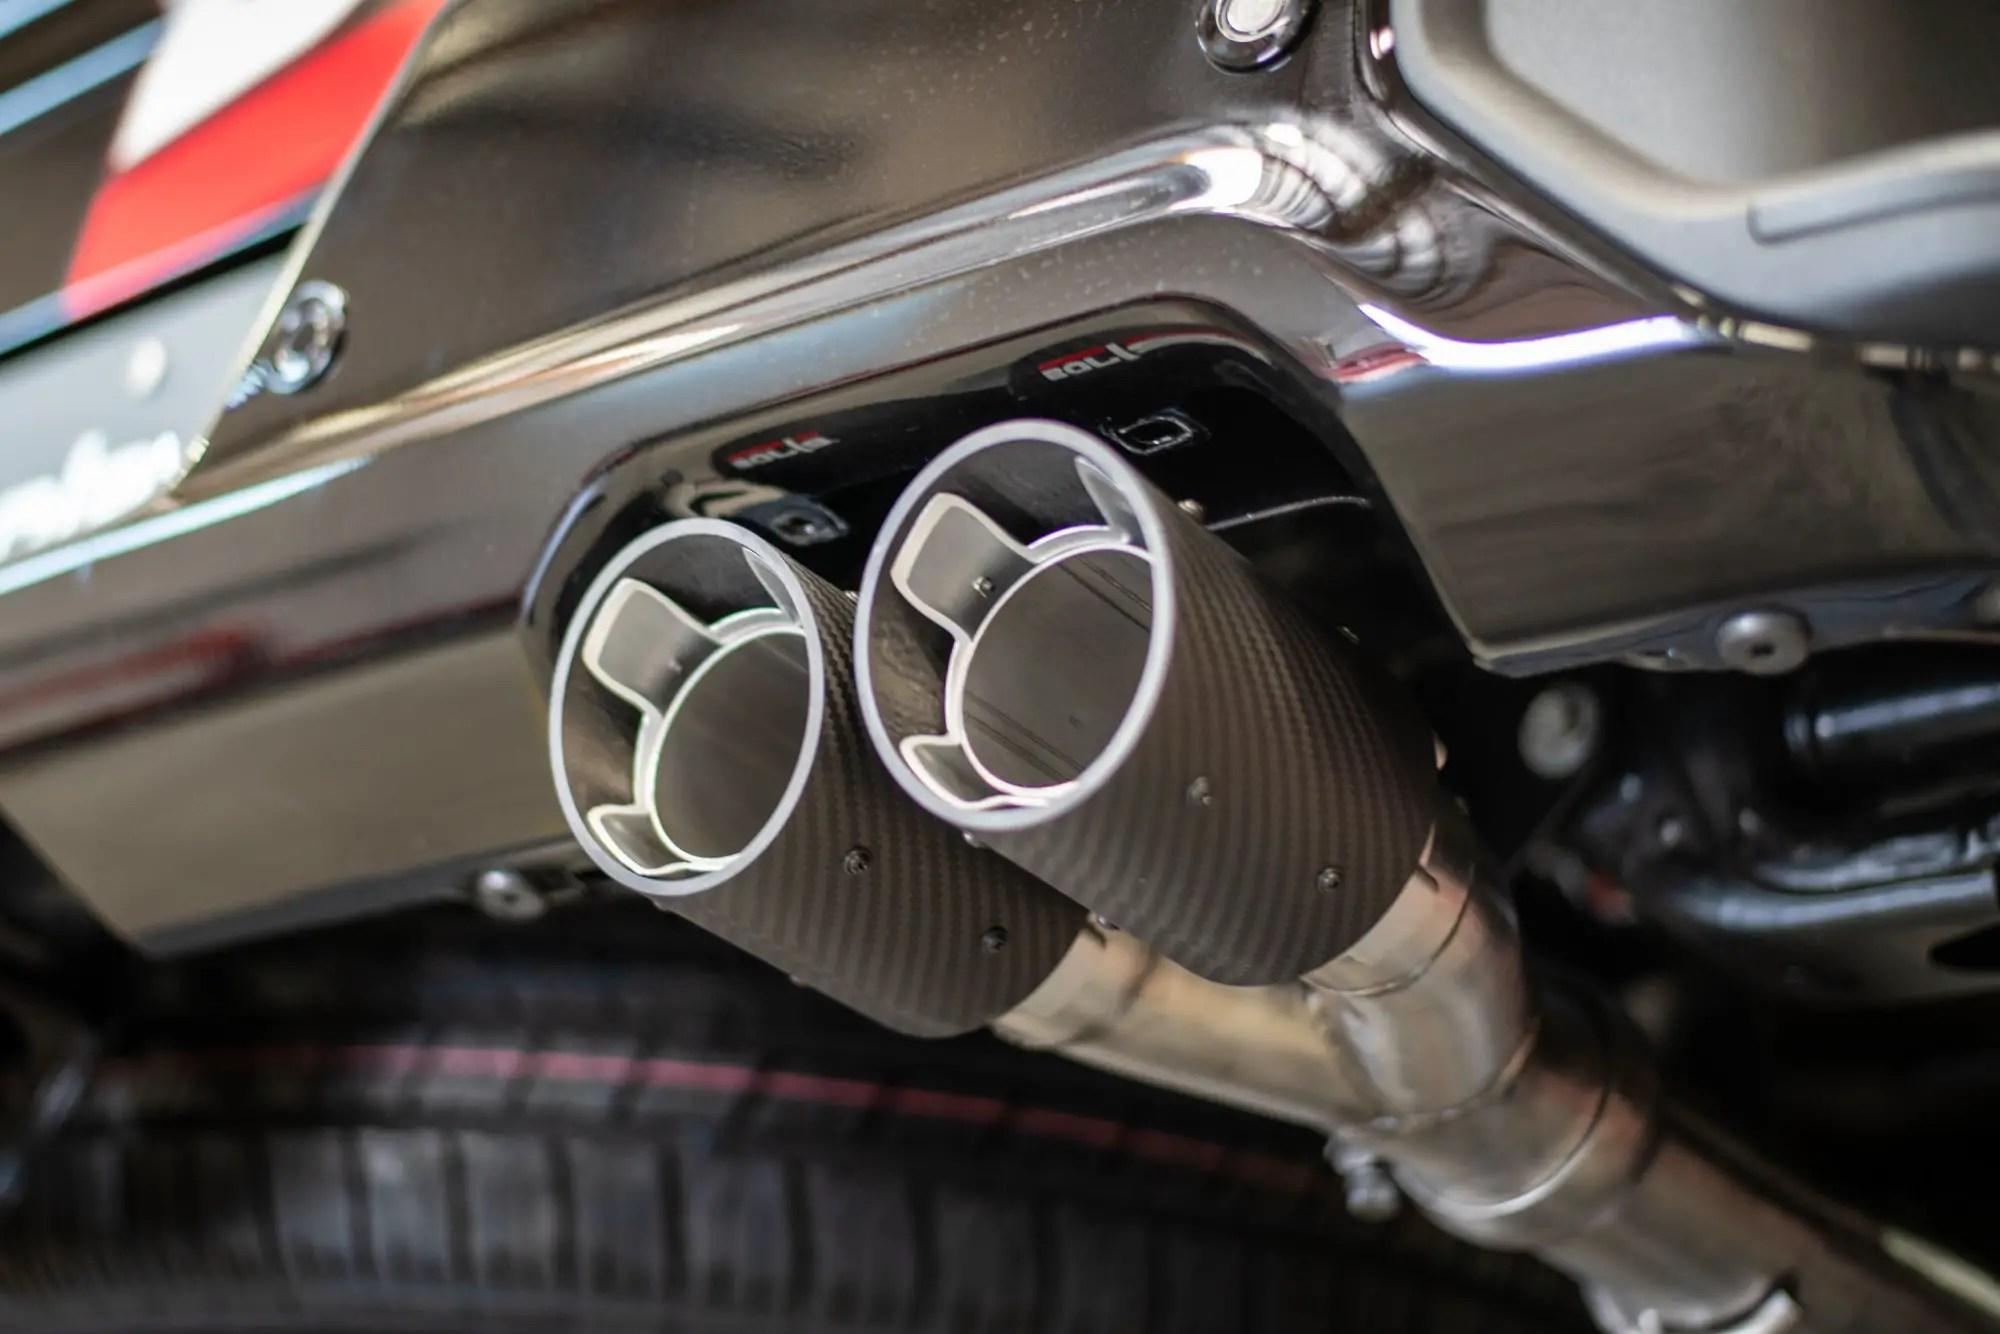 borla exhaust for the 2019 silverado